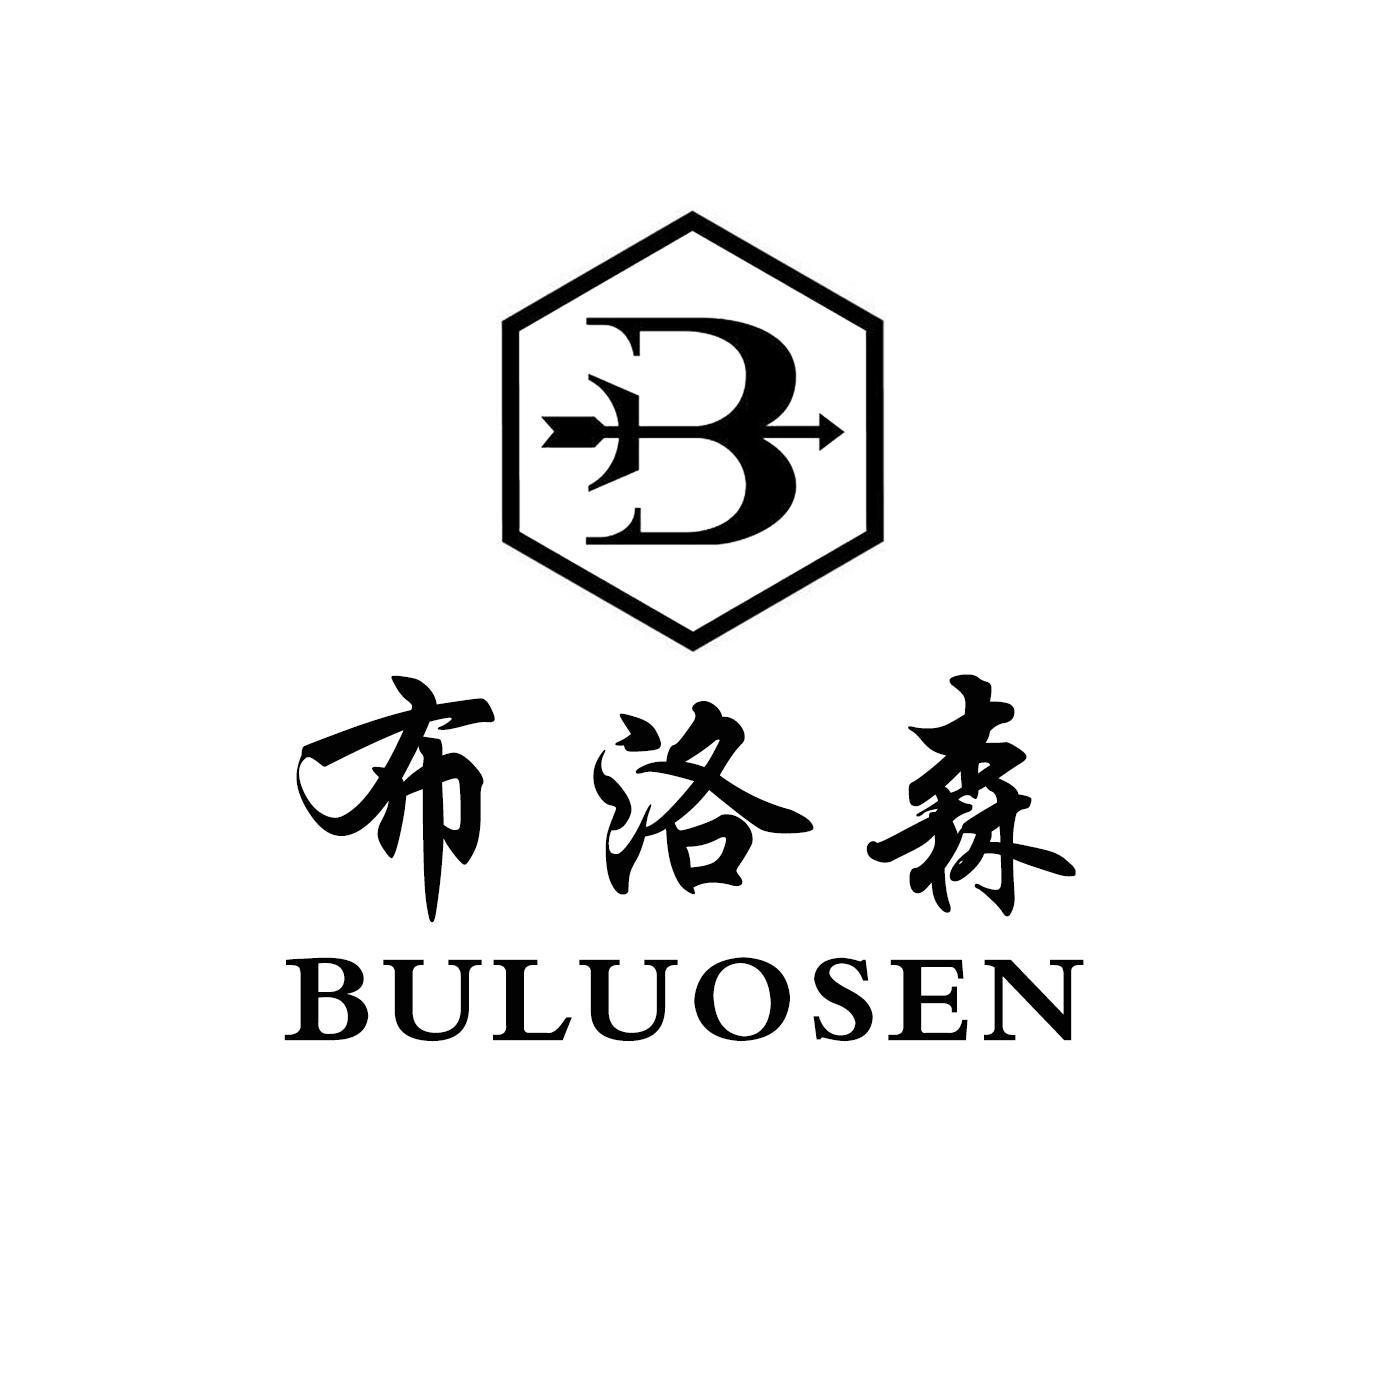 布洛森 B